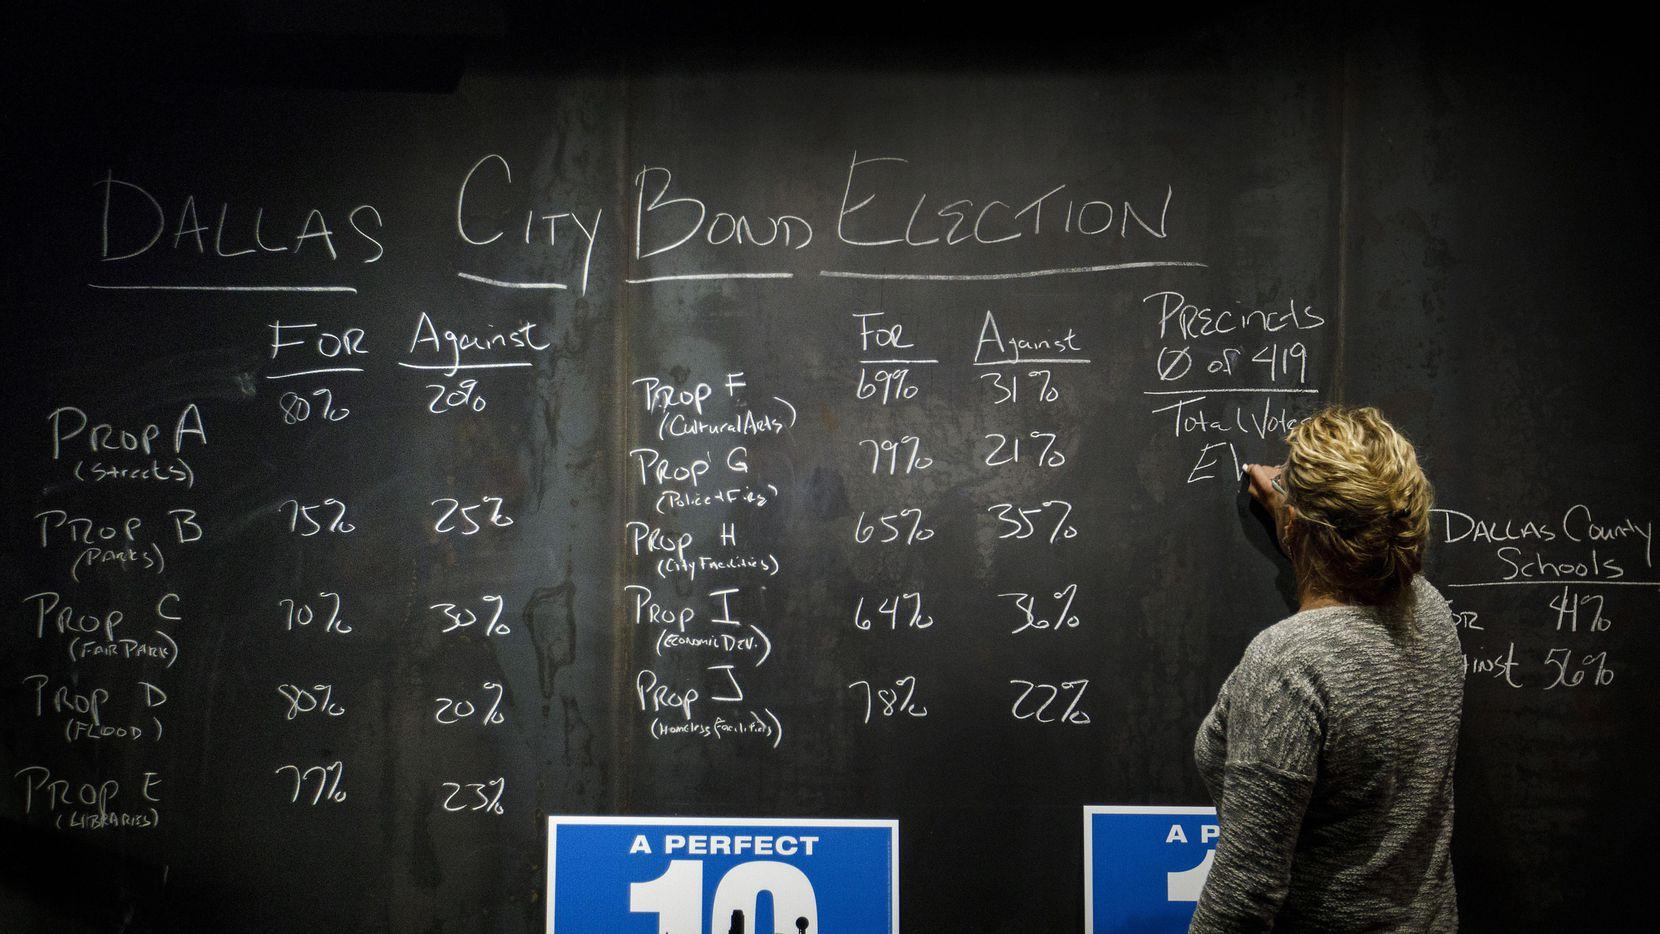 Laura Reed escribe los resultados de la votación del martes en un bar en Trinity Groves donde se reunieron los simpatizantes del paquete de bonos que fue aprobado. (DMN/SMILEY POOL)